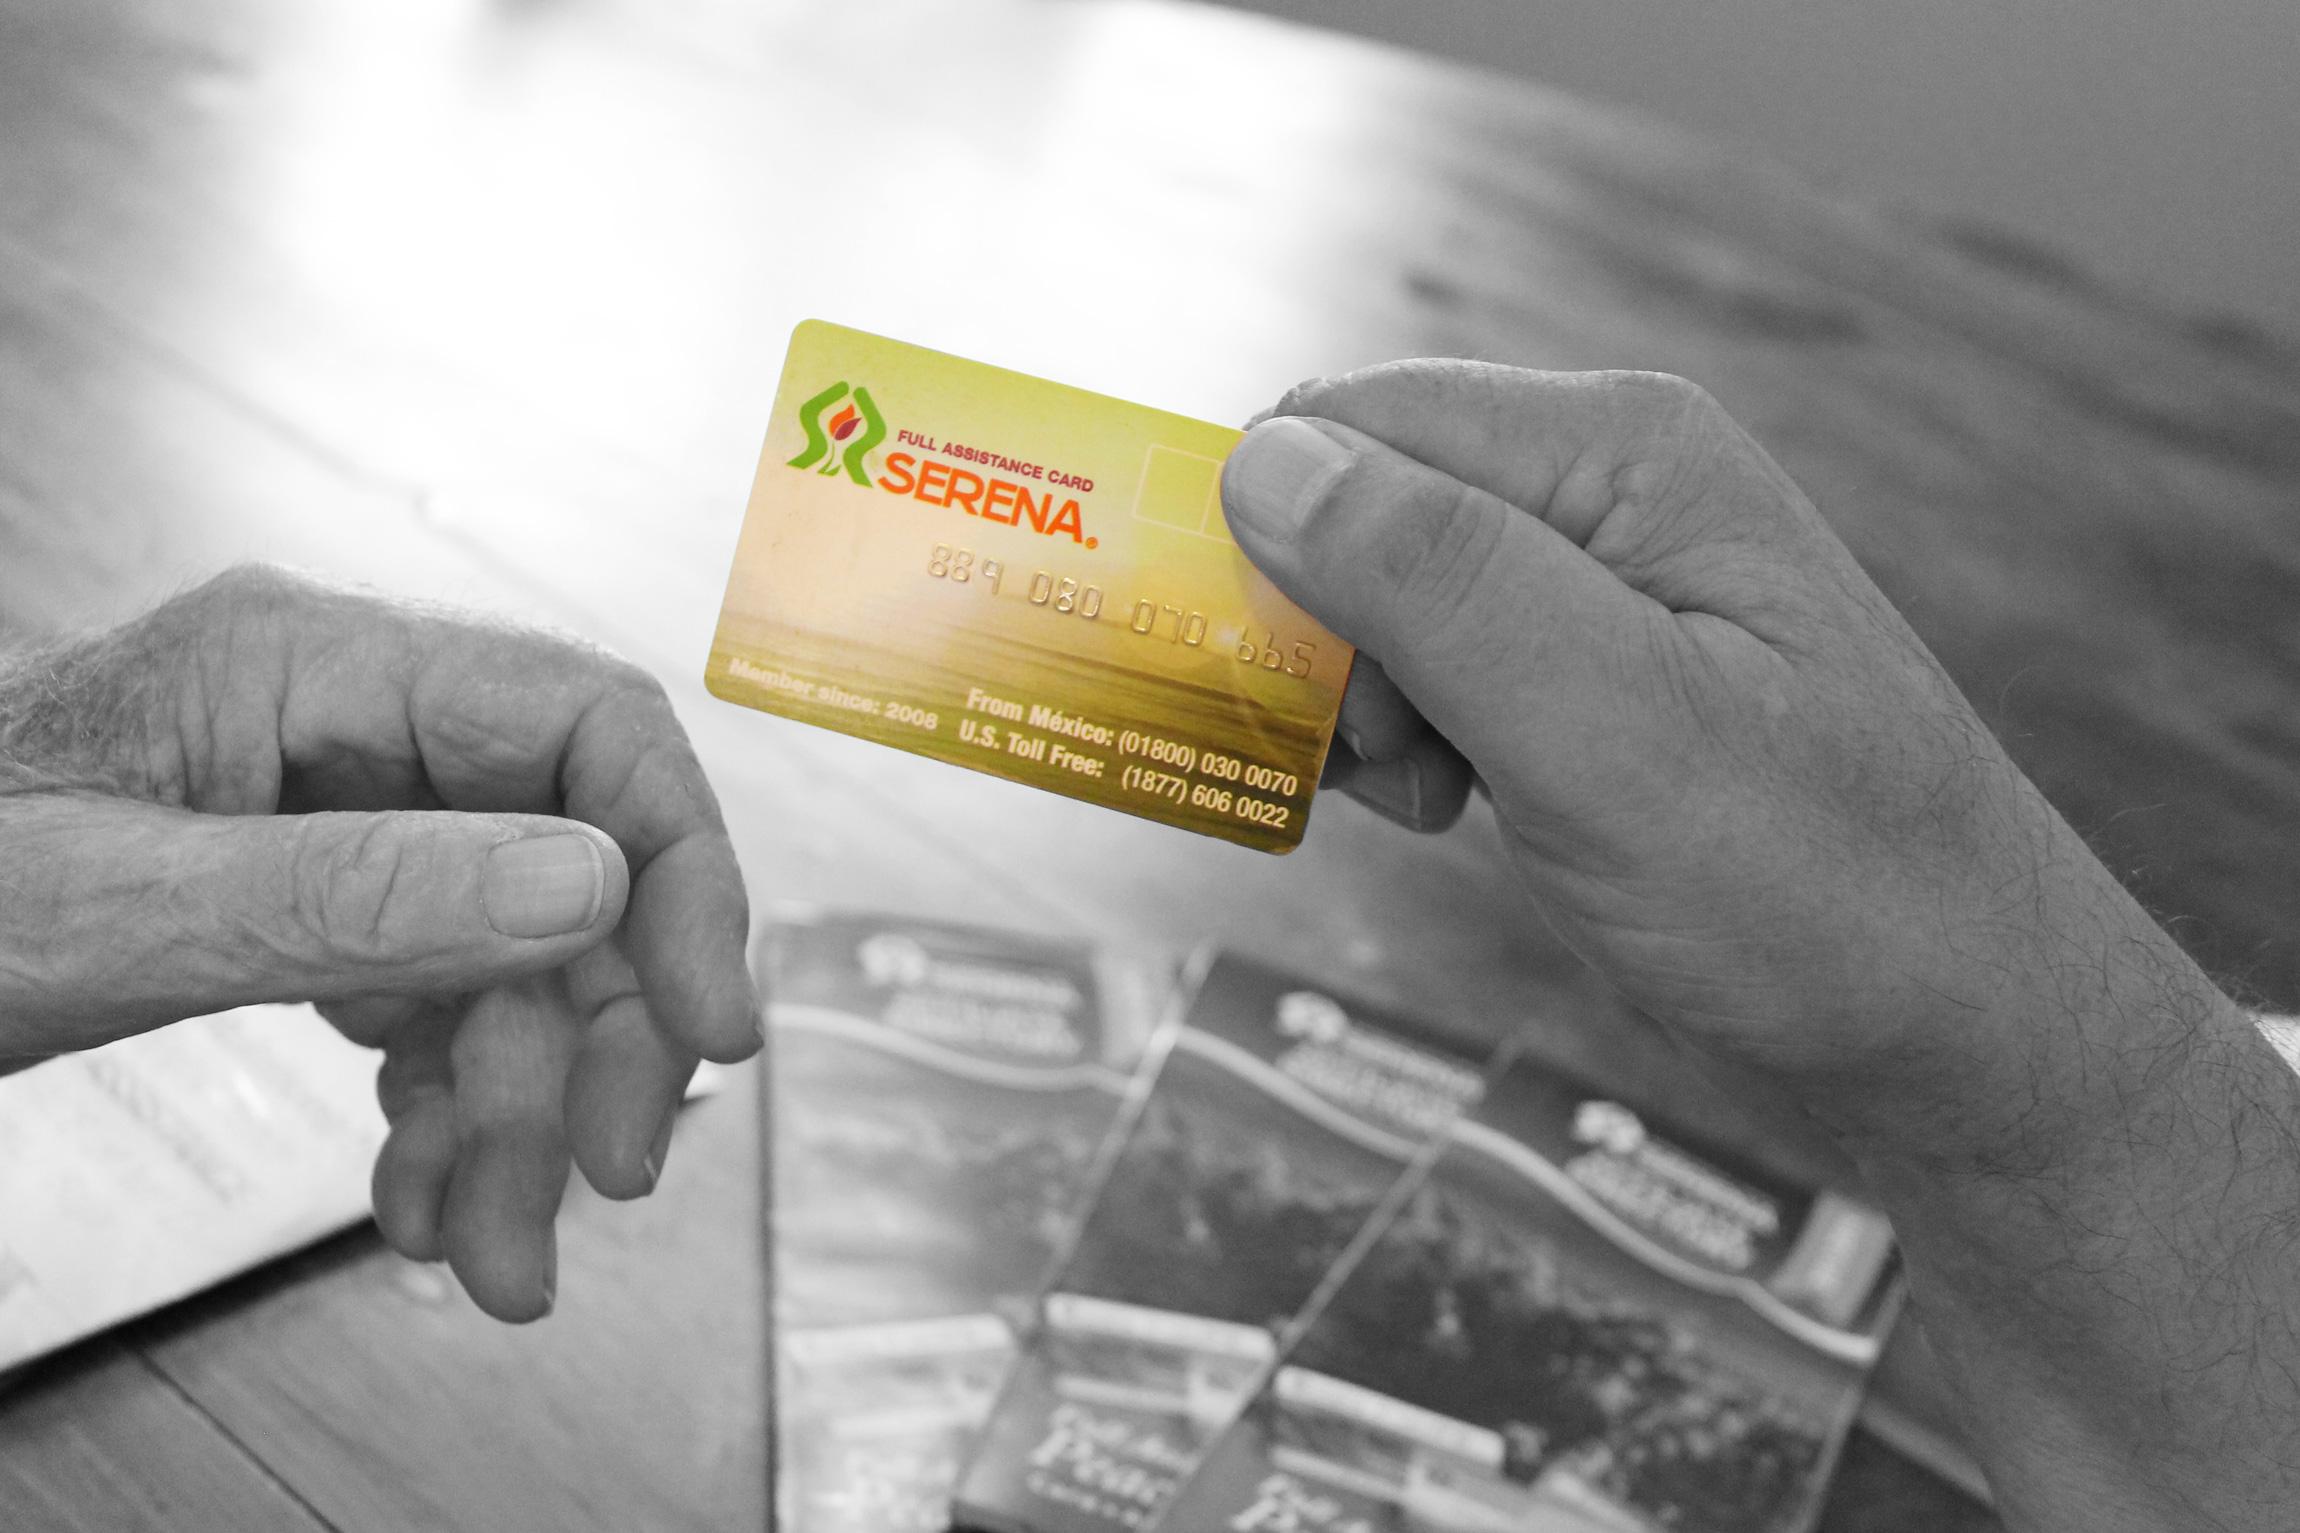 Una persona muestra su serenacard